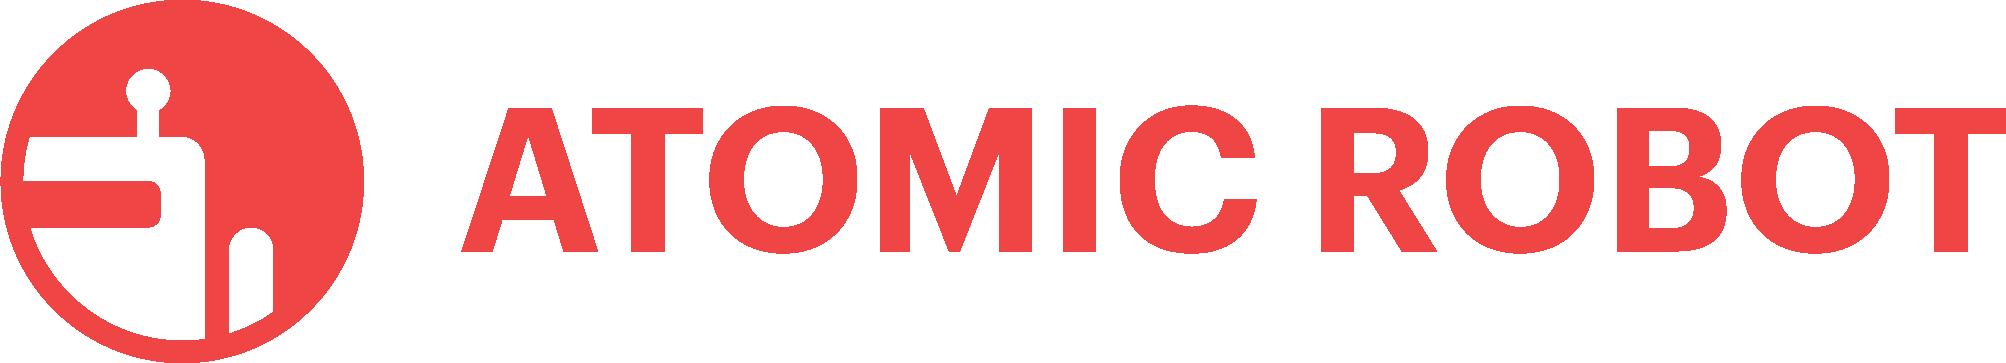 Atomic Robot logo